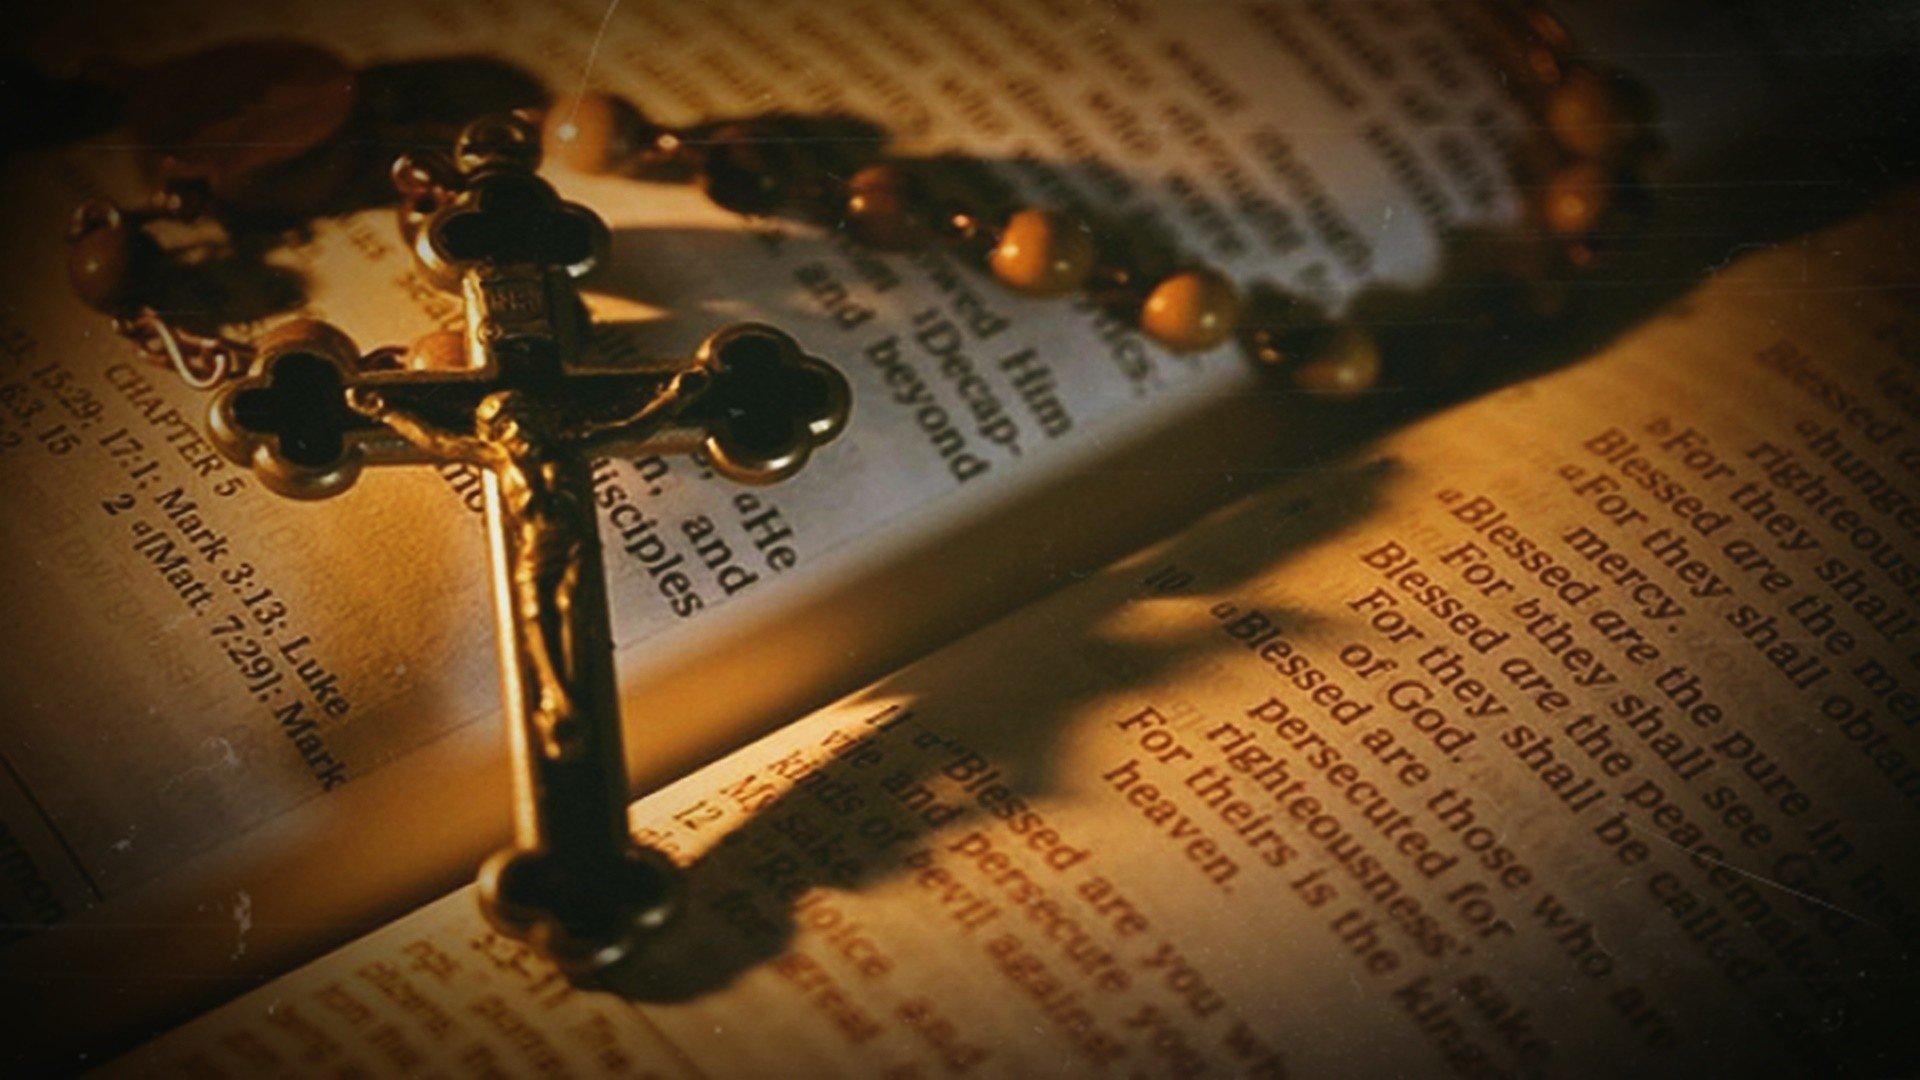 Рак. Лечение рака молитвой. Почему люди не верят в лечение молитвами?